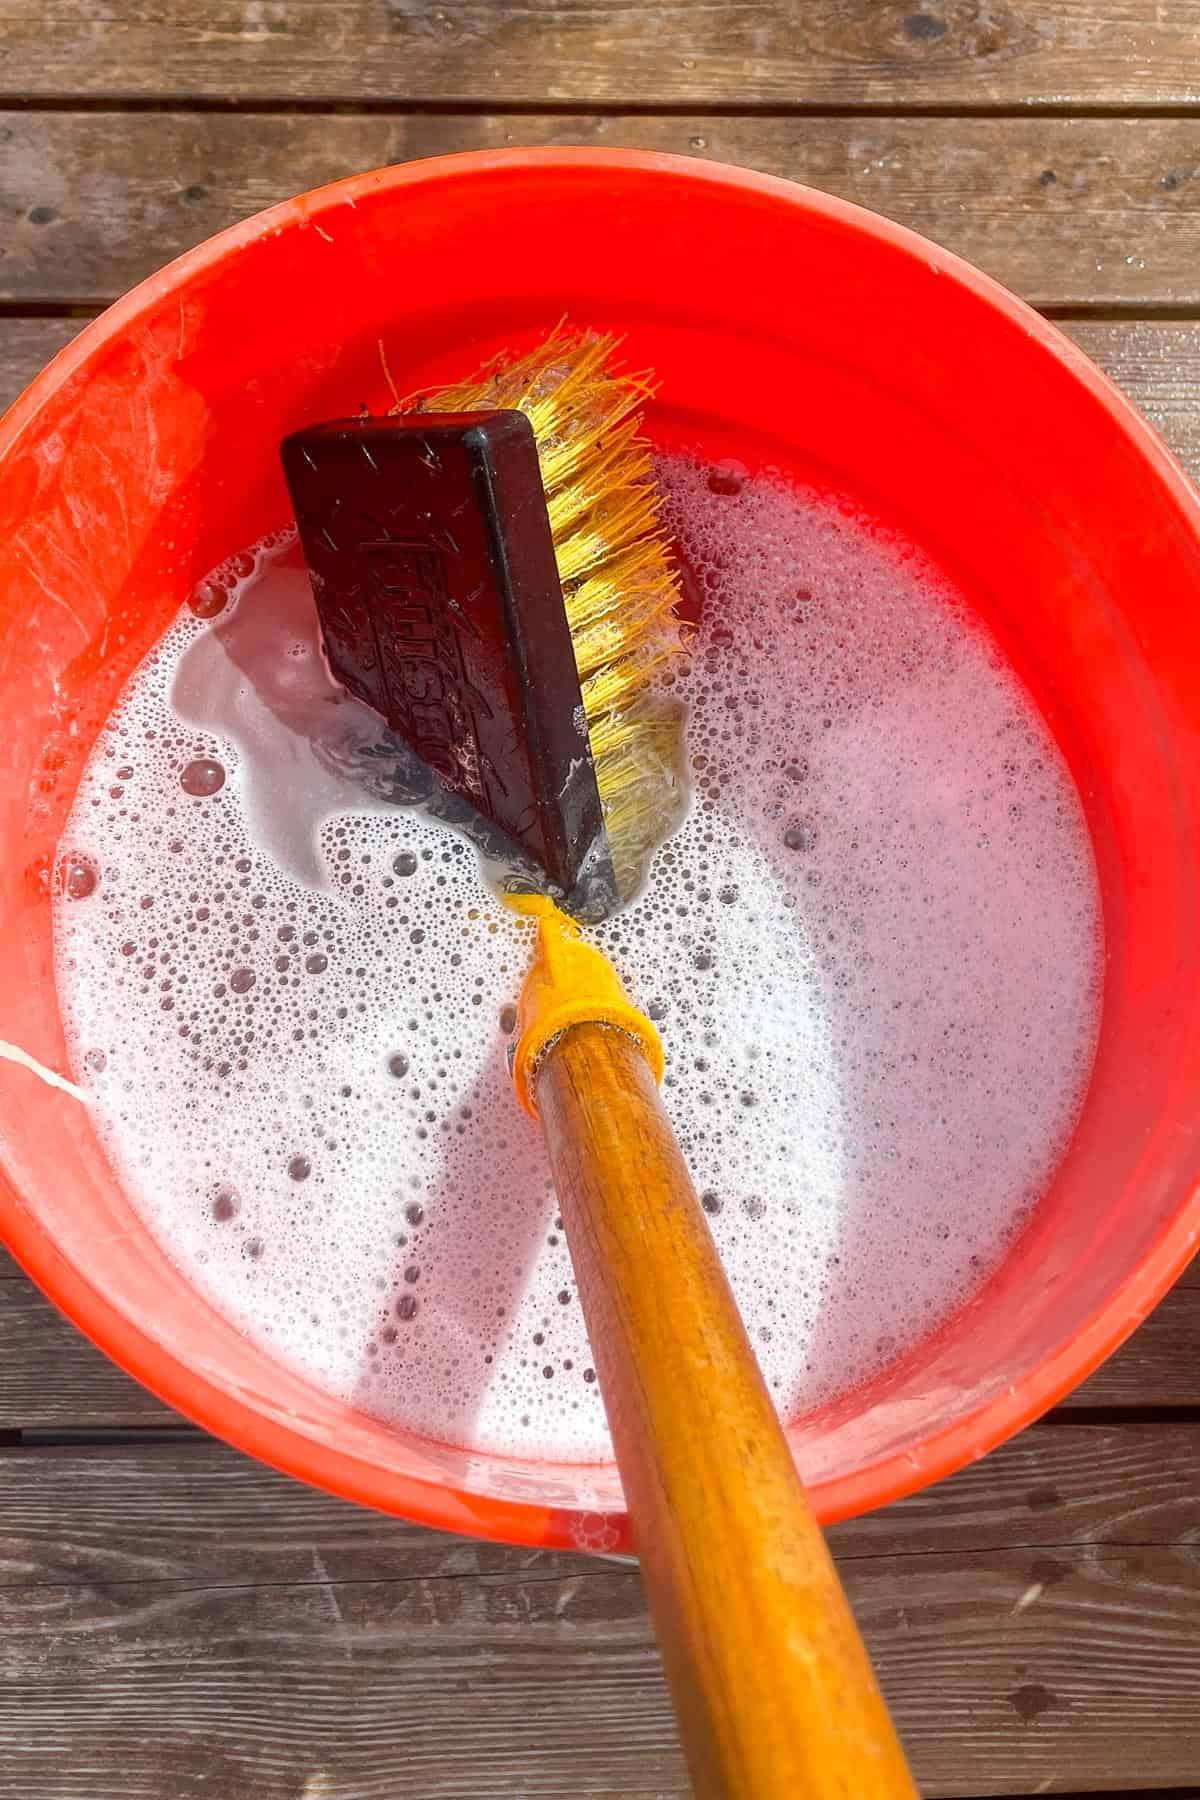 scrub brush in deck cleaner bucket